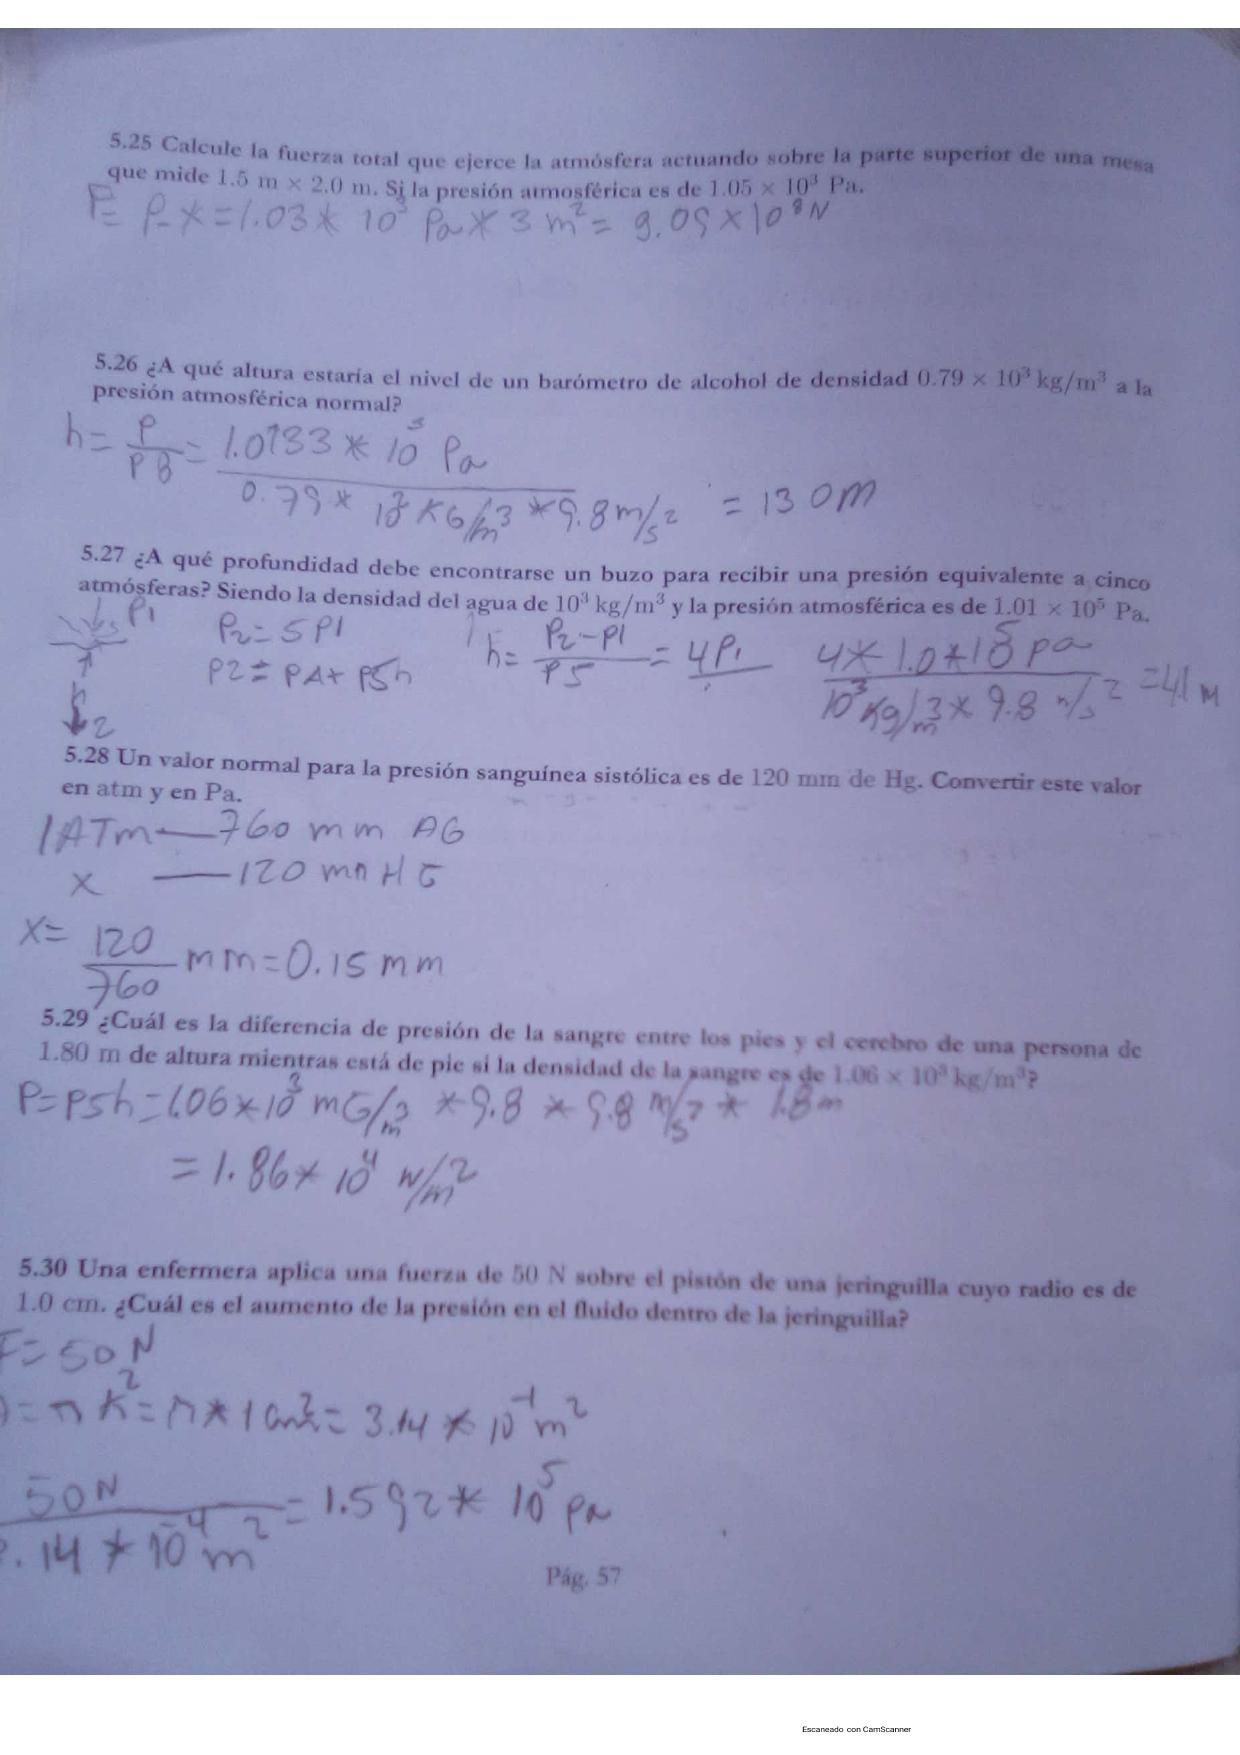 cuaderno-de-trabajo-f-sica-b-sica-page-0057